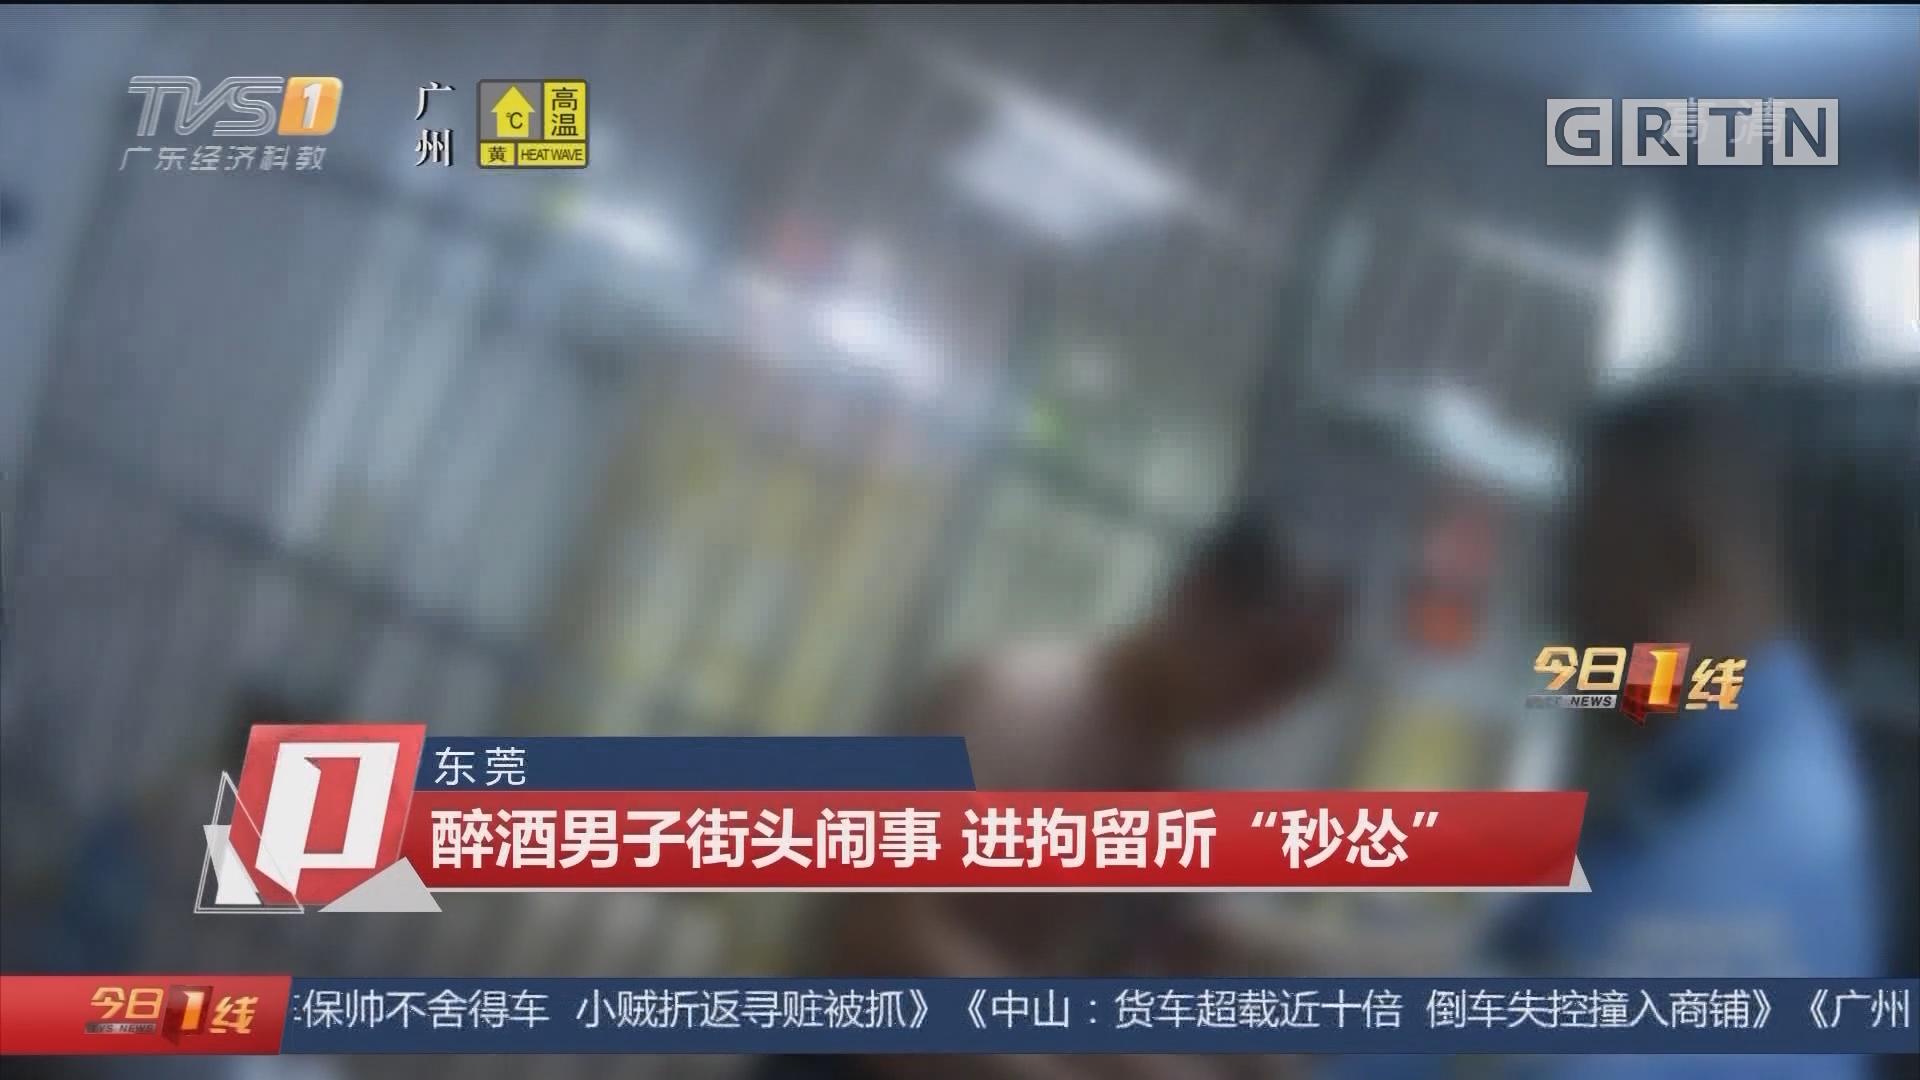 """东莞:醉酒男子街头闹事 进拘留所""""秒怂"""""""